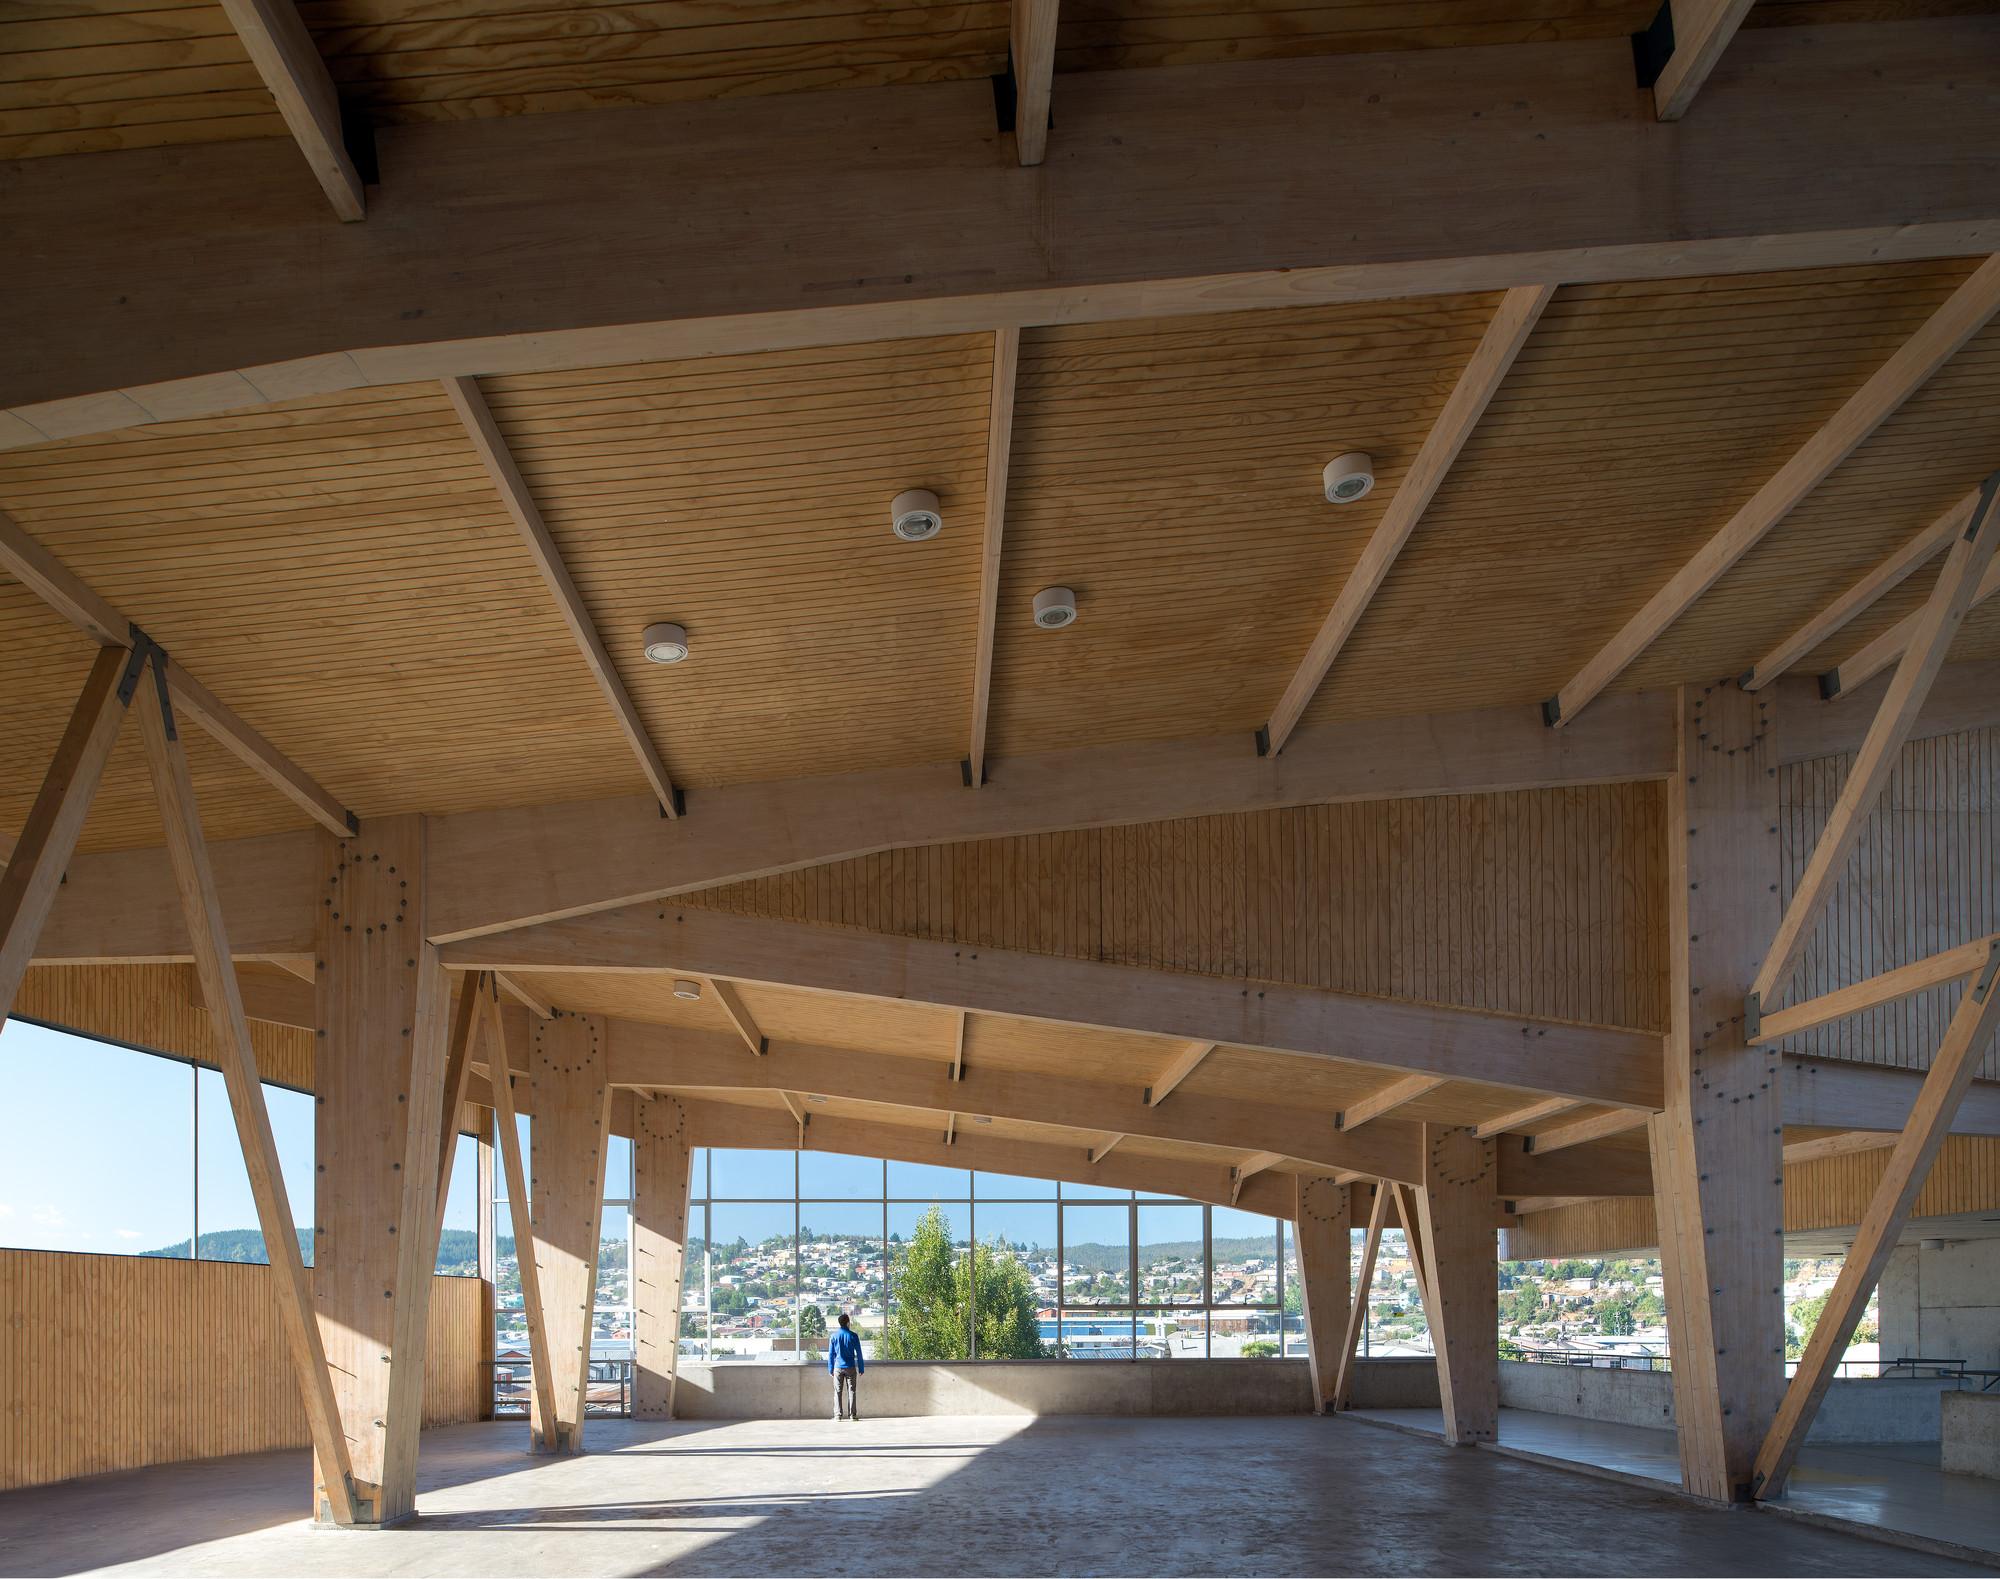 Liceo mariano latorre macchi jeame danus boza - Casas de madera laminada ...